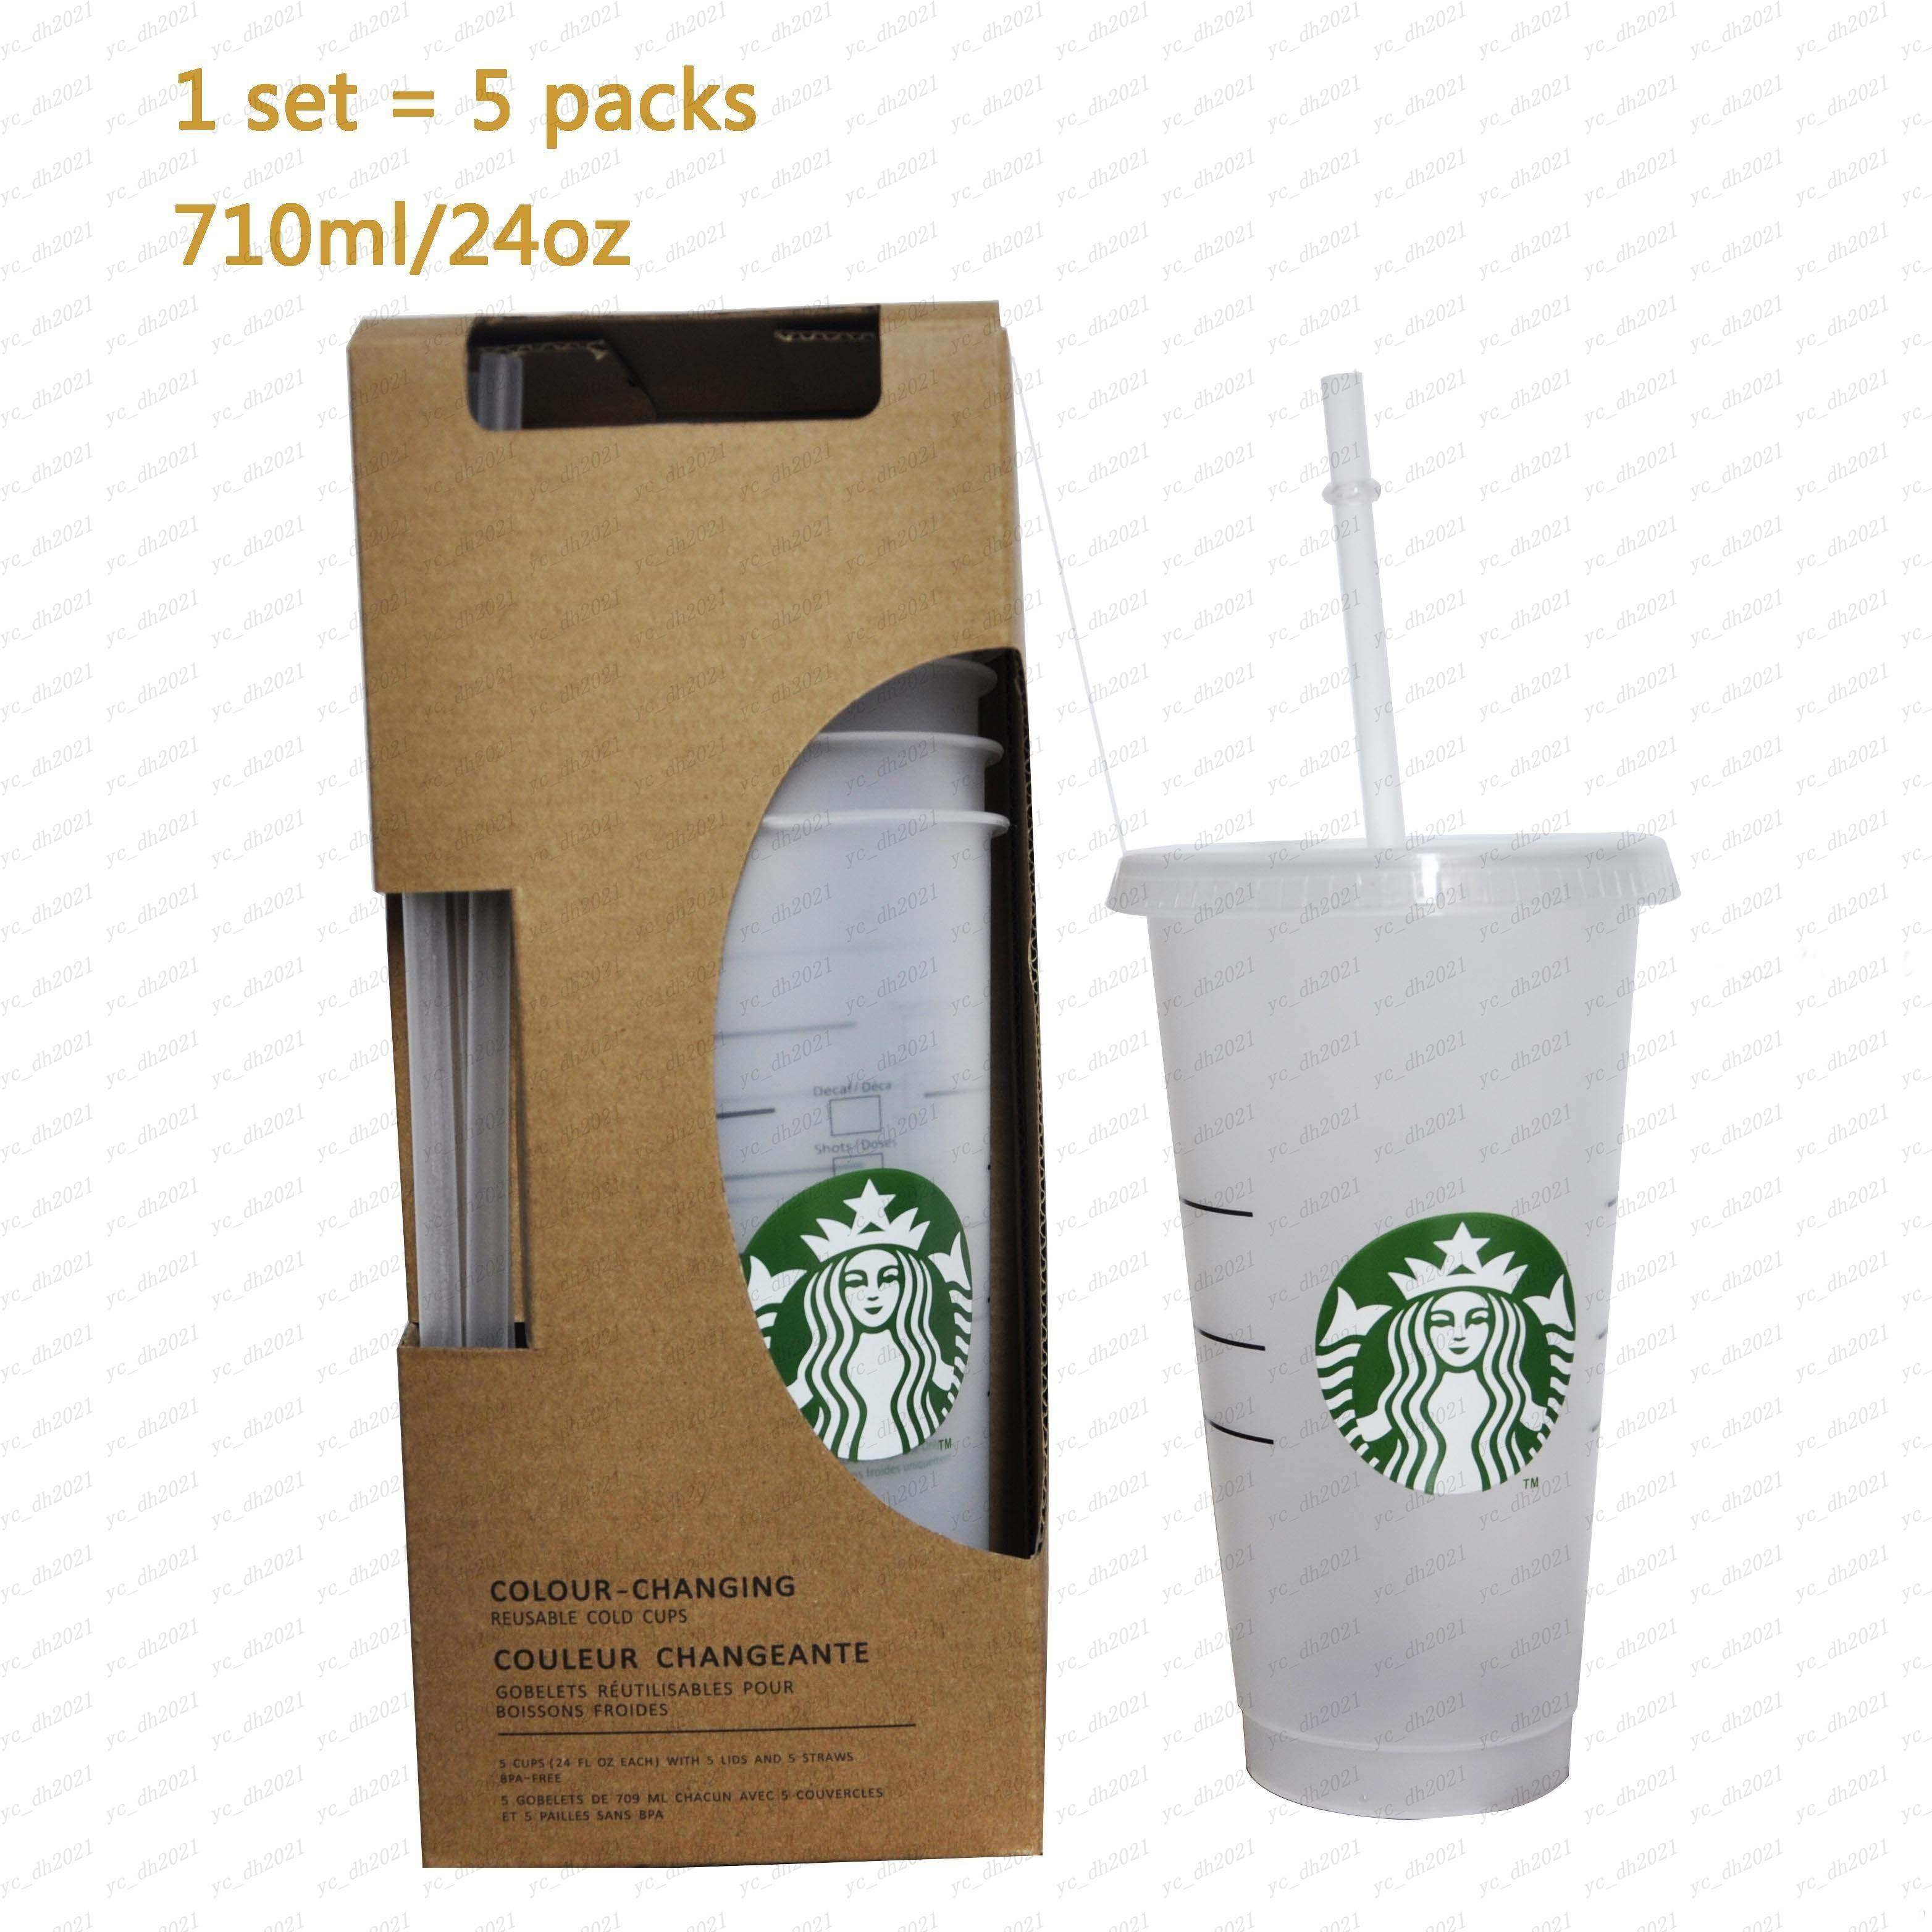 1 مجموعة = 5 قطع 24 أوقية أكواب من البلاستيك الشفاف أكواب عصير التي لا تغير لون كأس المشروبات قابلة لإعادة الاستخدام أكواب ستاربكس مع الأغطية والقش القهوة